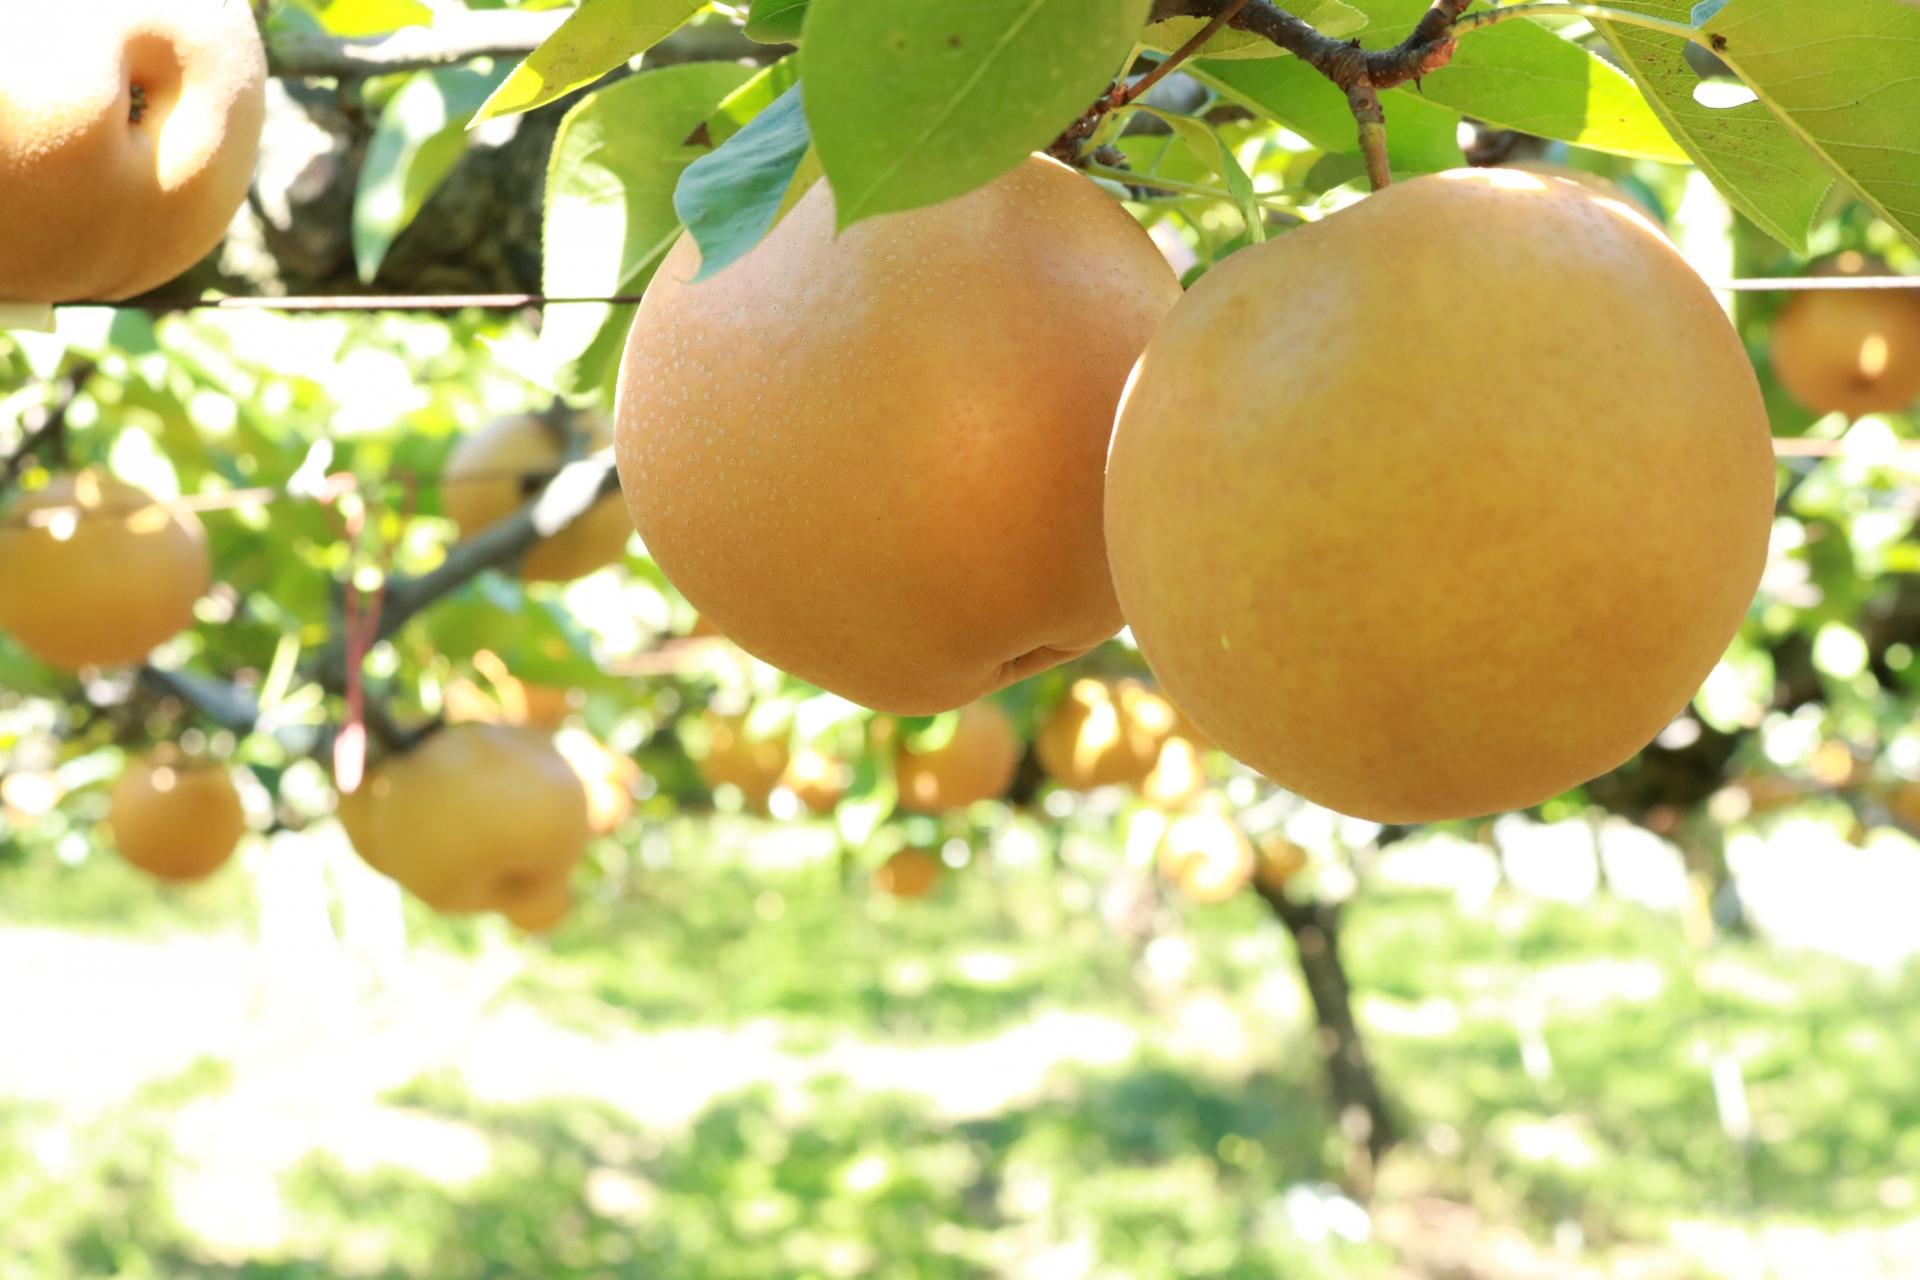 梨の名産地千葉の美味しい梨を種類別に食べ較べて全力おすすめしてみた。